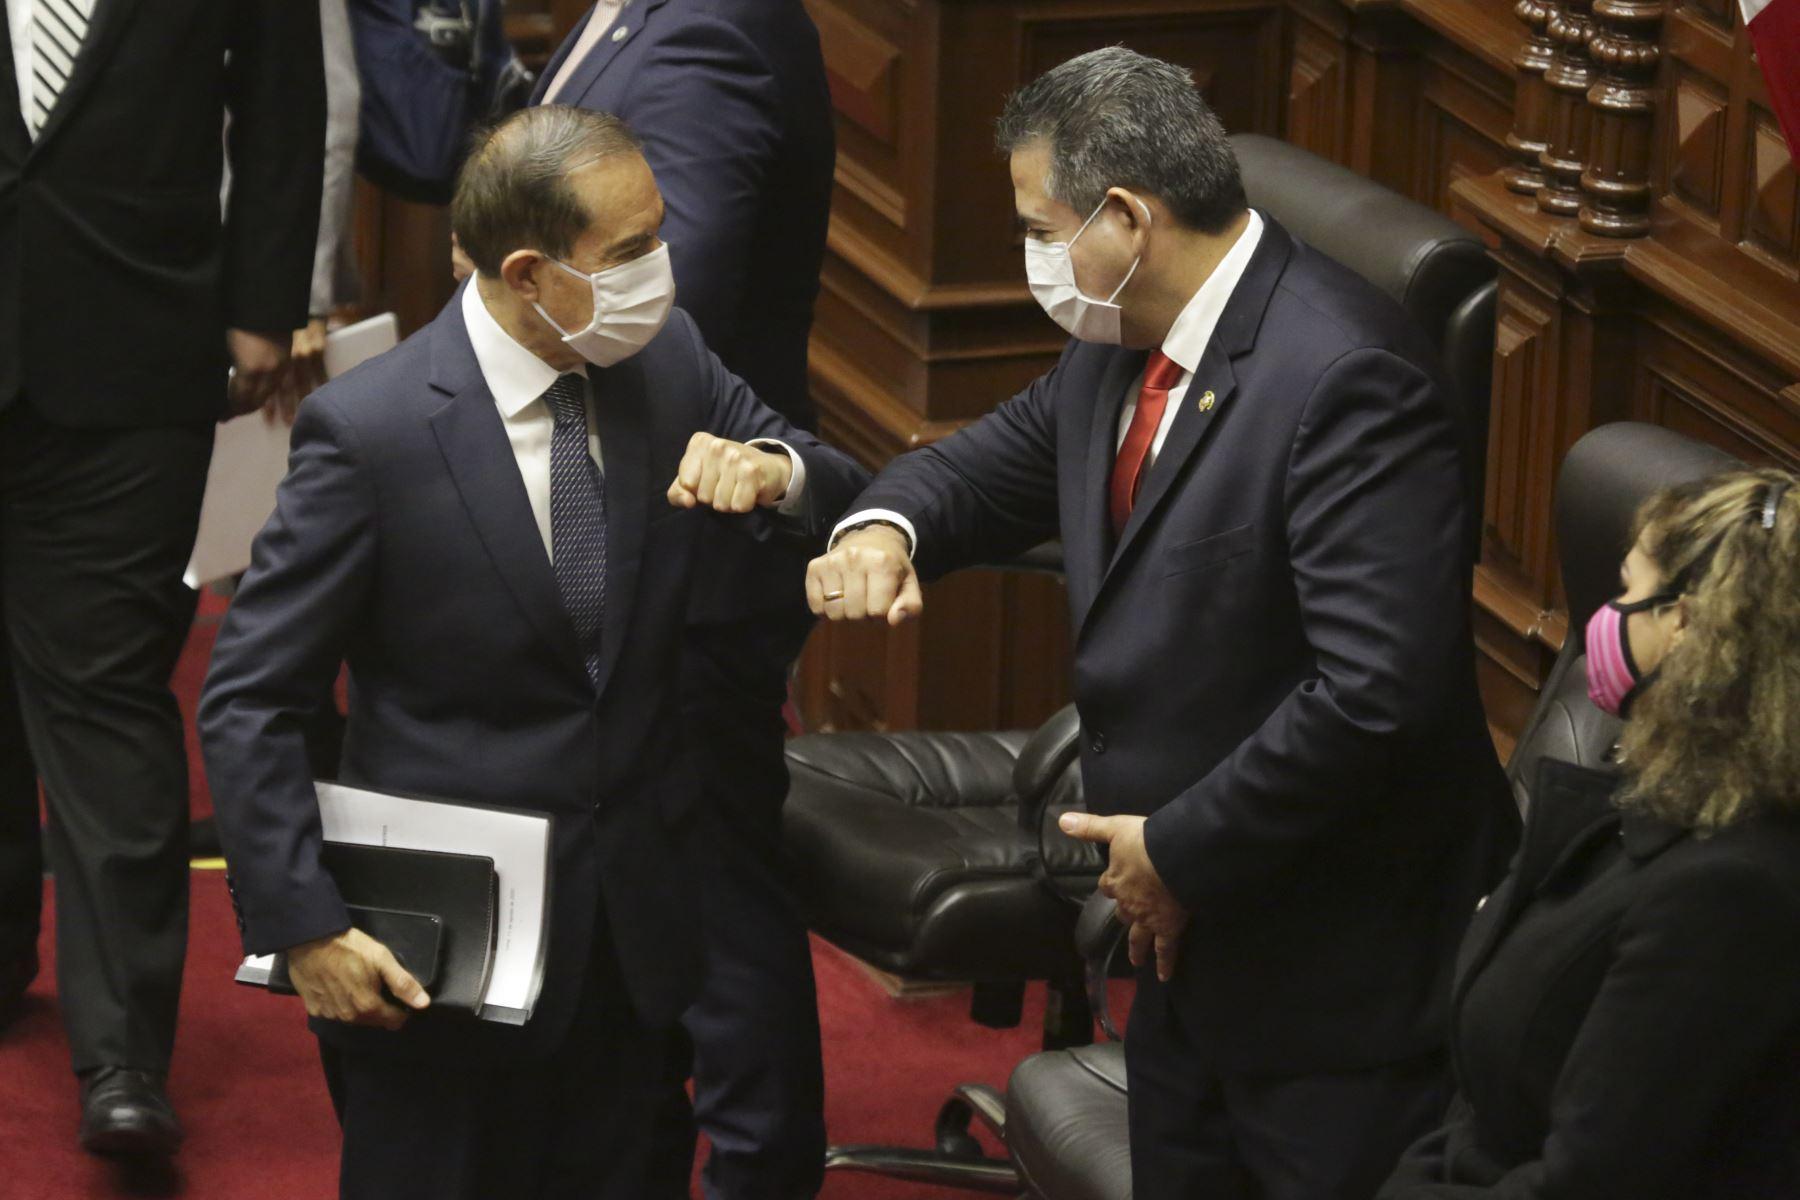 Primer ministro Walter Martos saluda al presidente del Congreso, Manuel Merino de Lama, antes de exponer políticas del Gobierno para obtener el voto de confianza. Foto: ANDINA/PCM